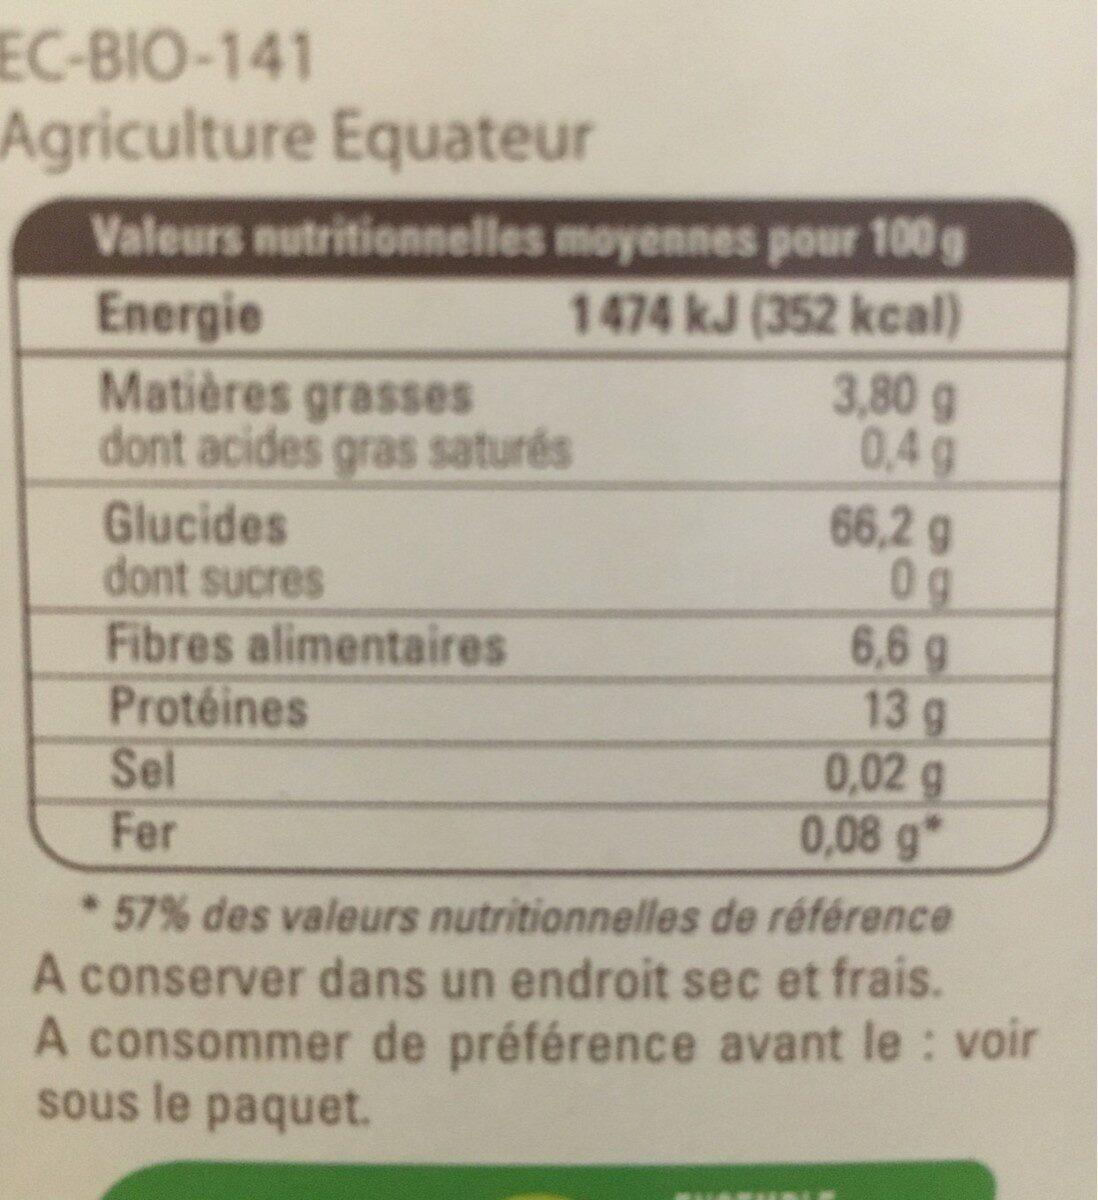 Quinoa de l'equateur - Información nutricional - en